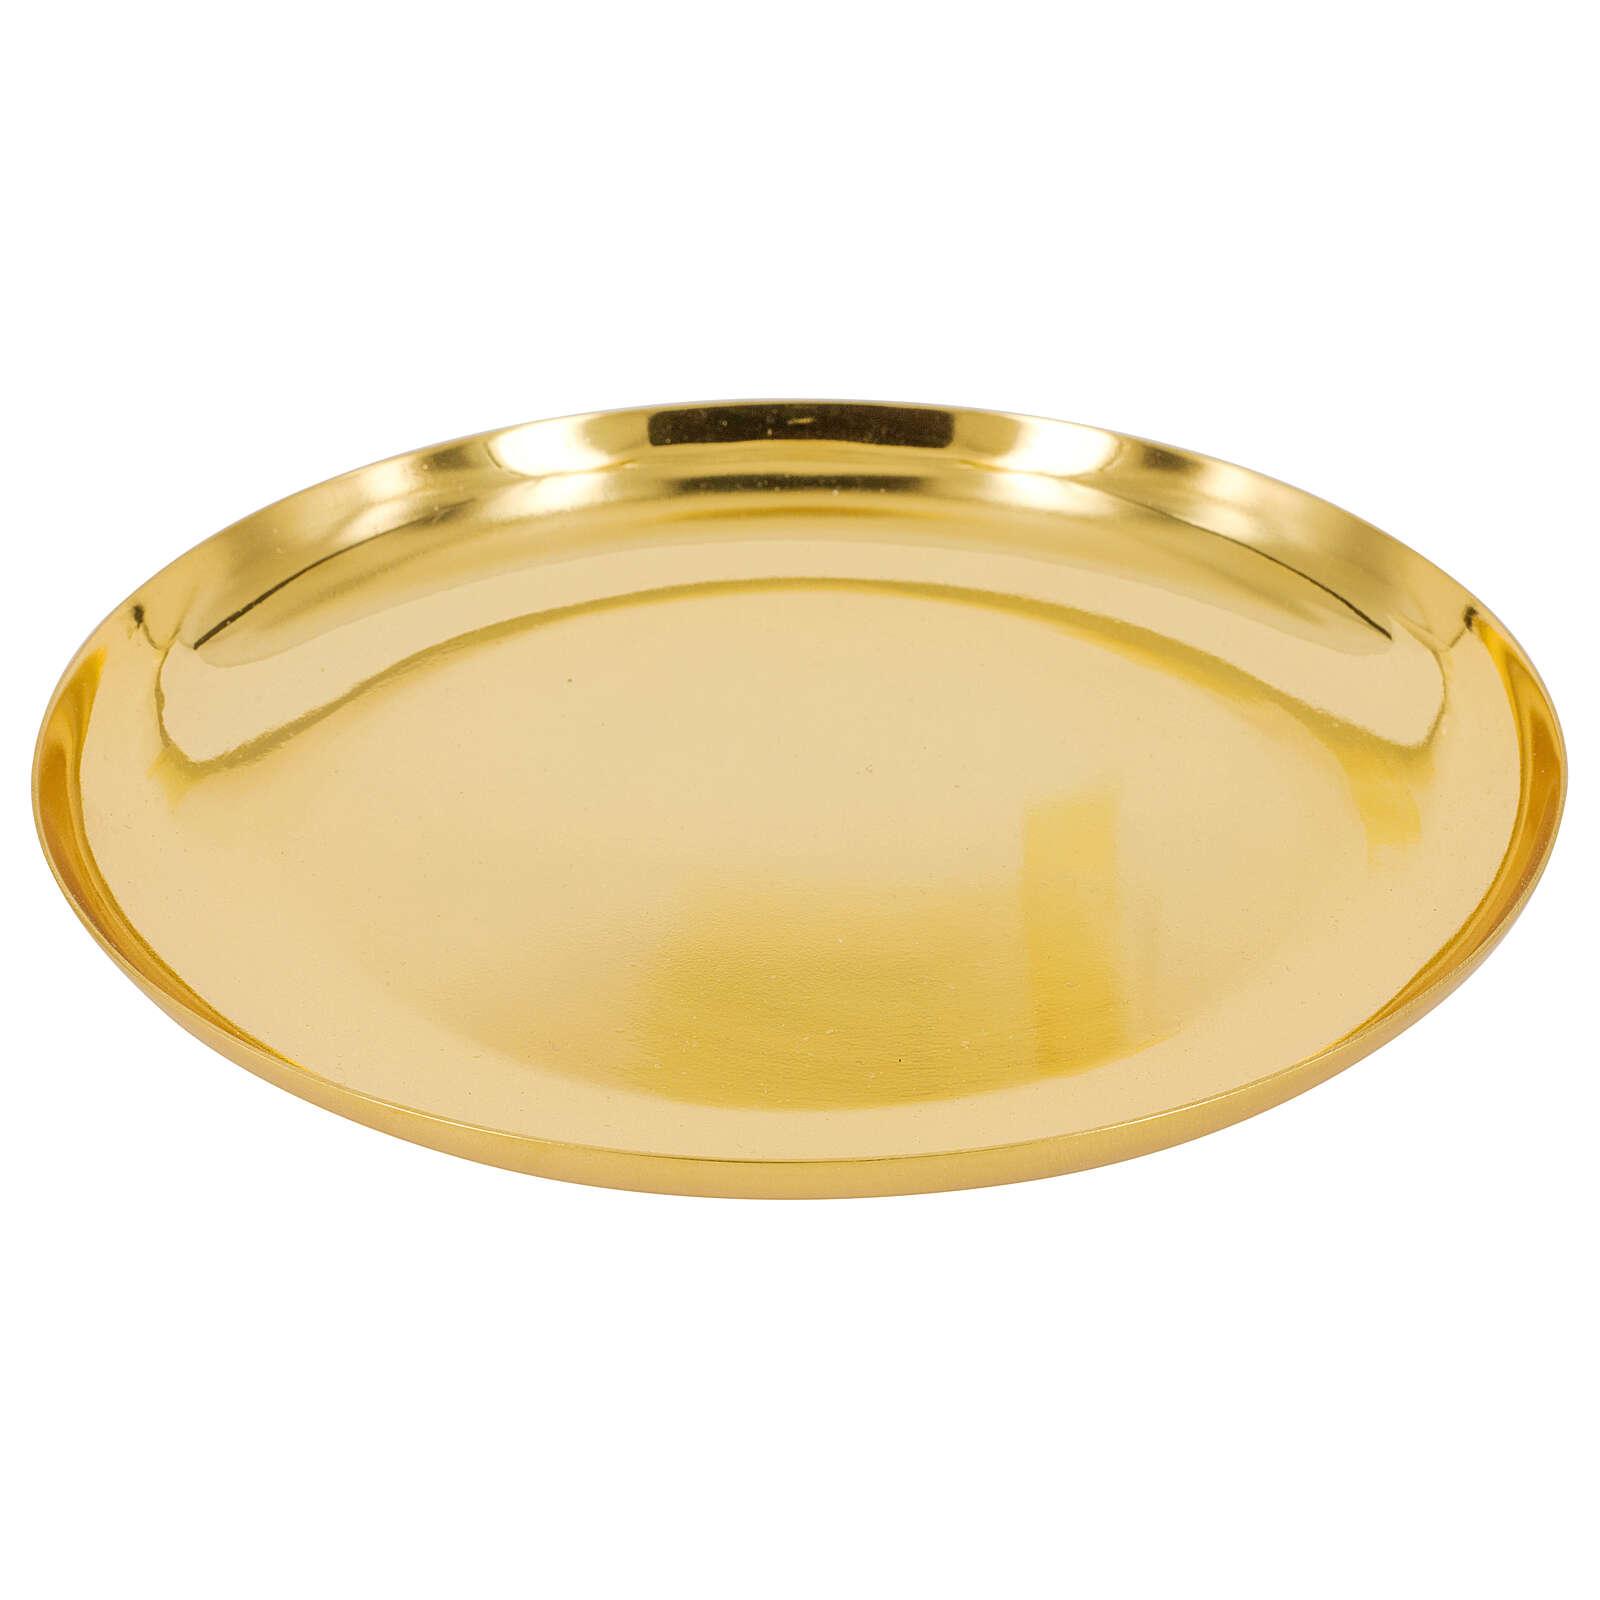 Patena fonda dorata lucida ottone 4